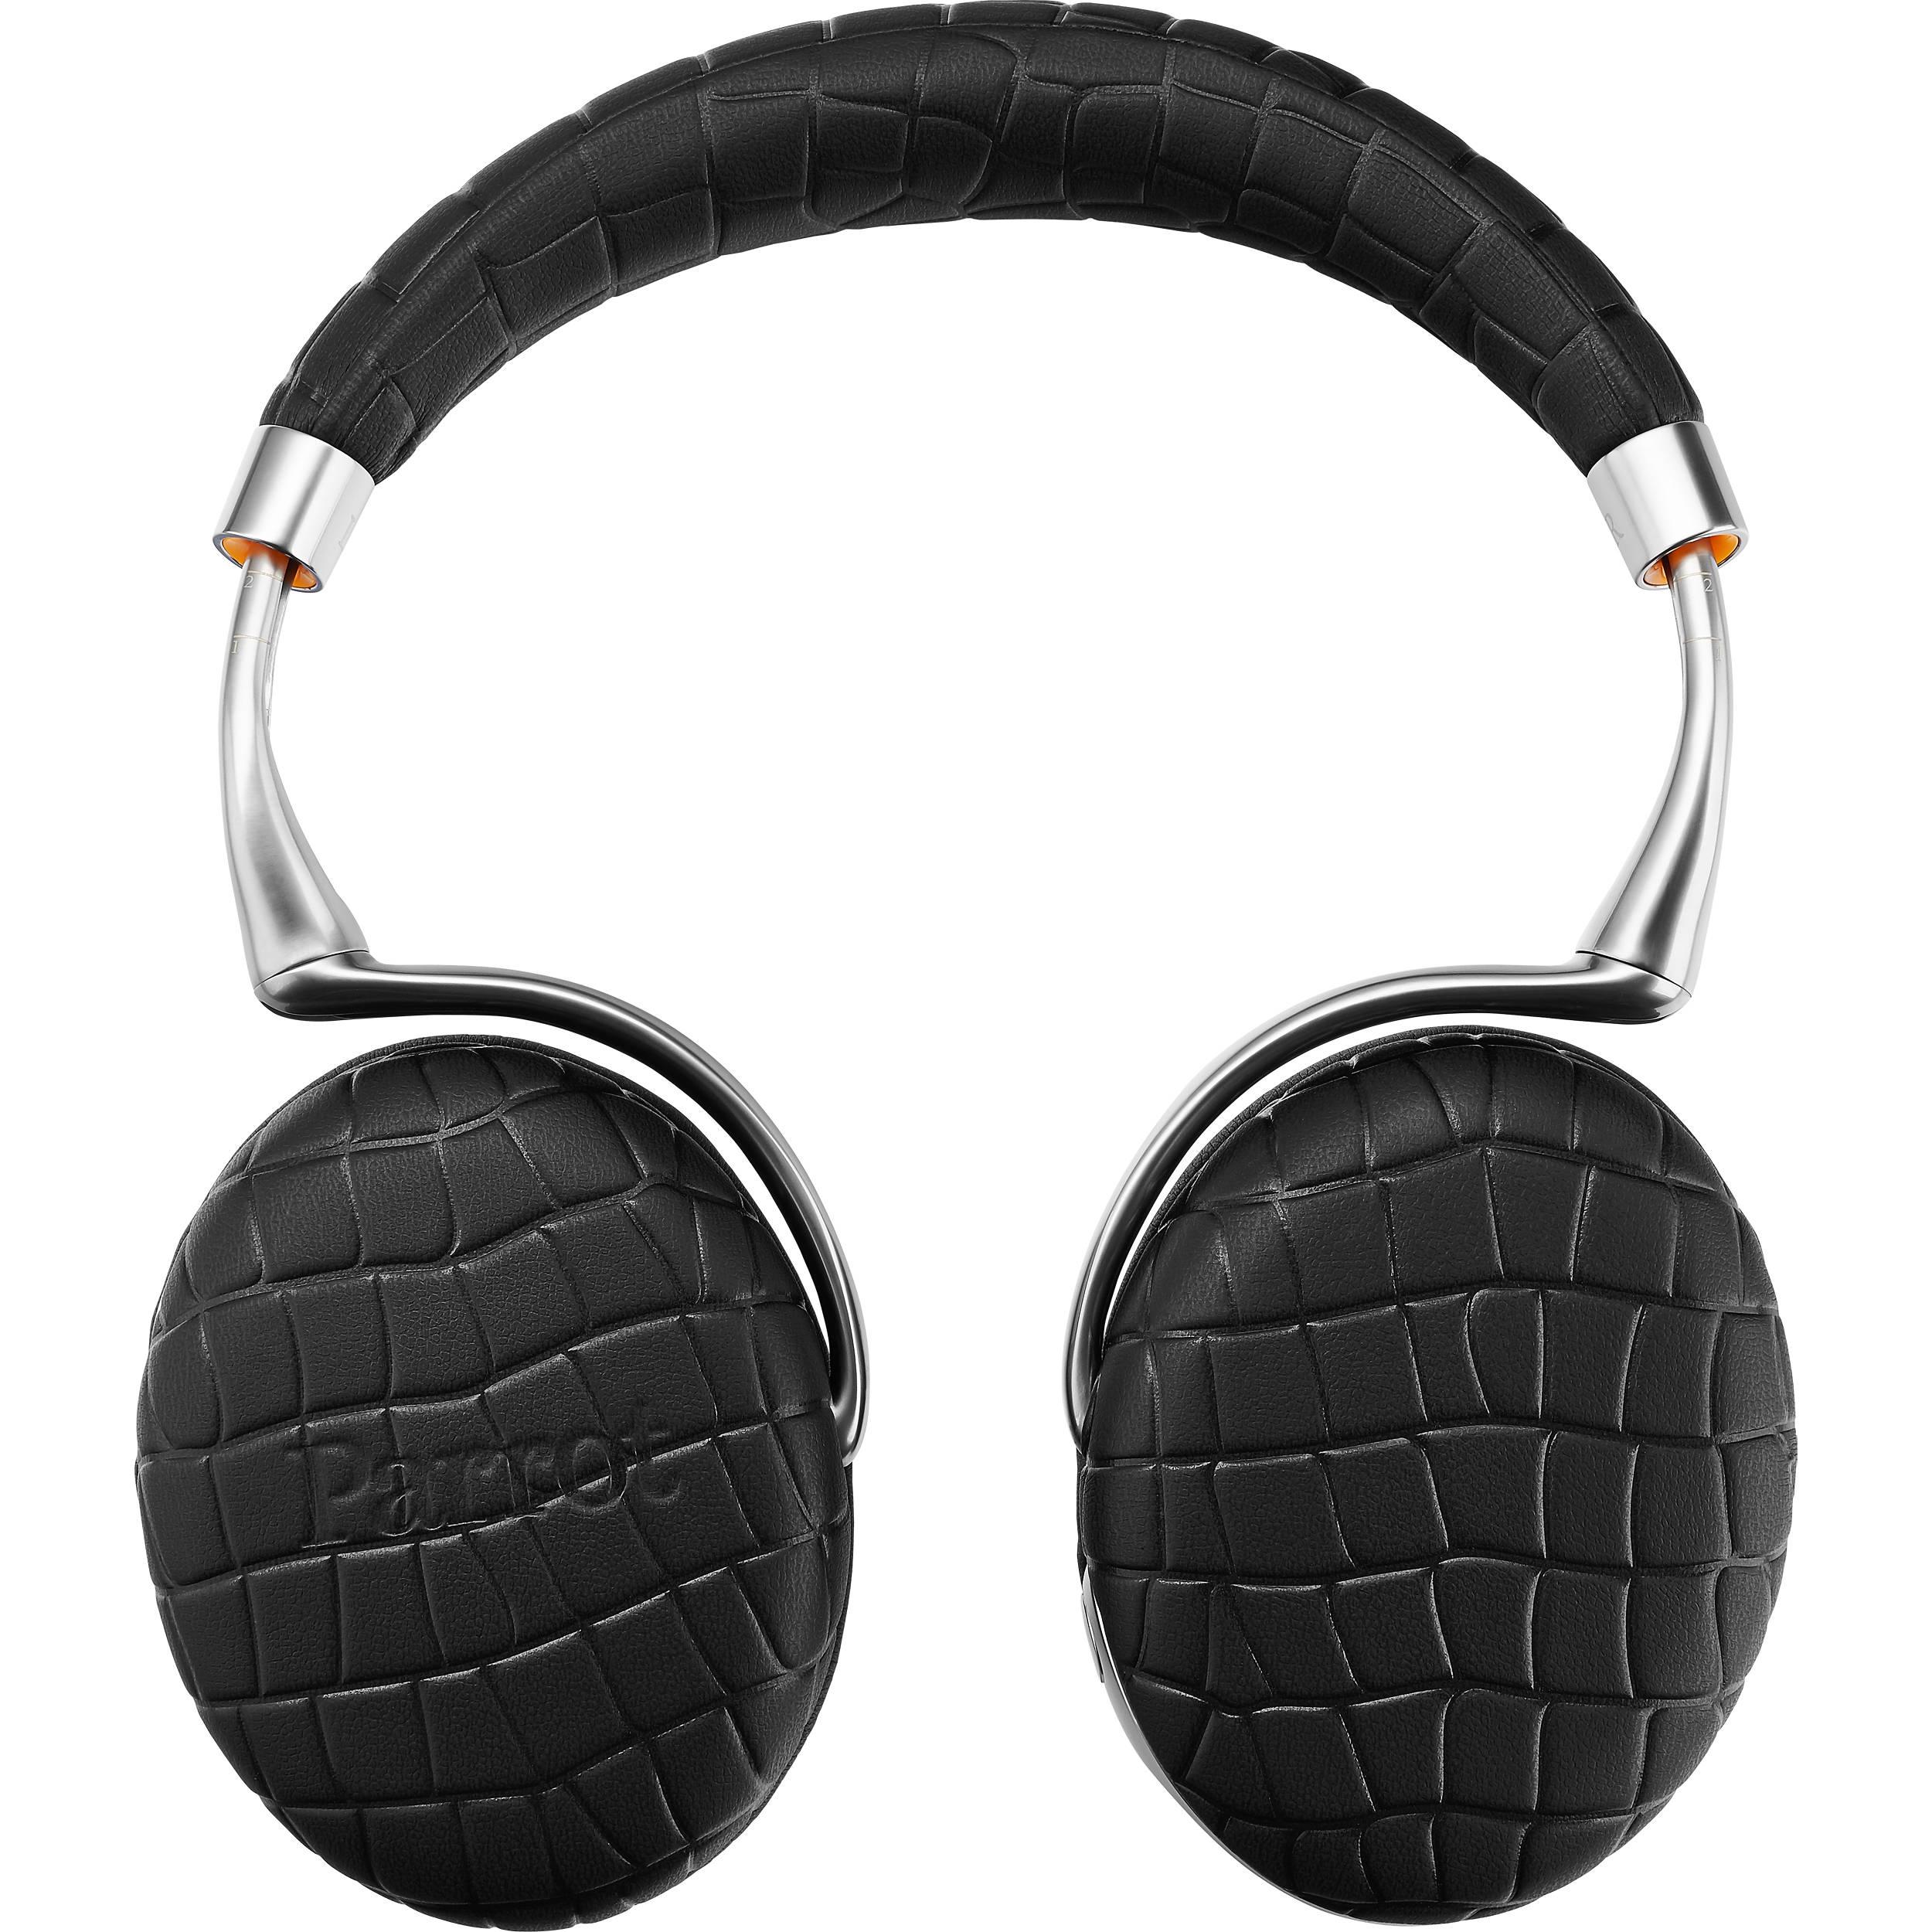 Parrot Zik 3.0 Stereo Bluetooth Headphones & PF562100 B&H